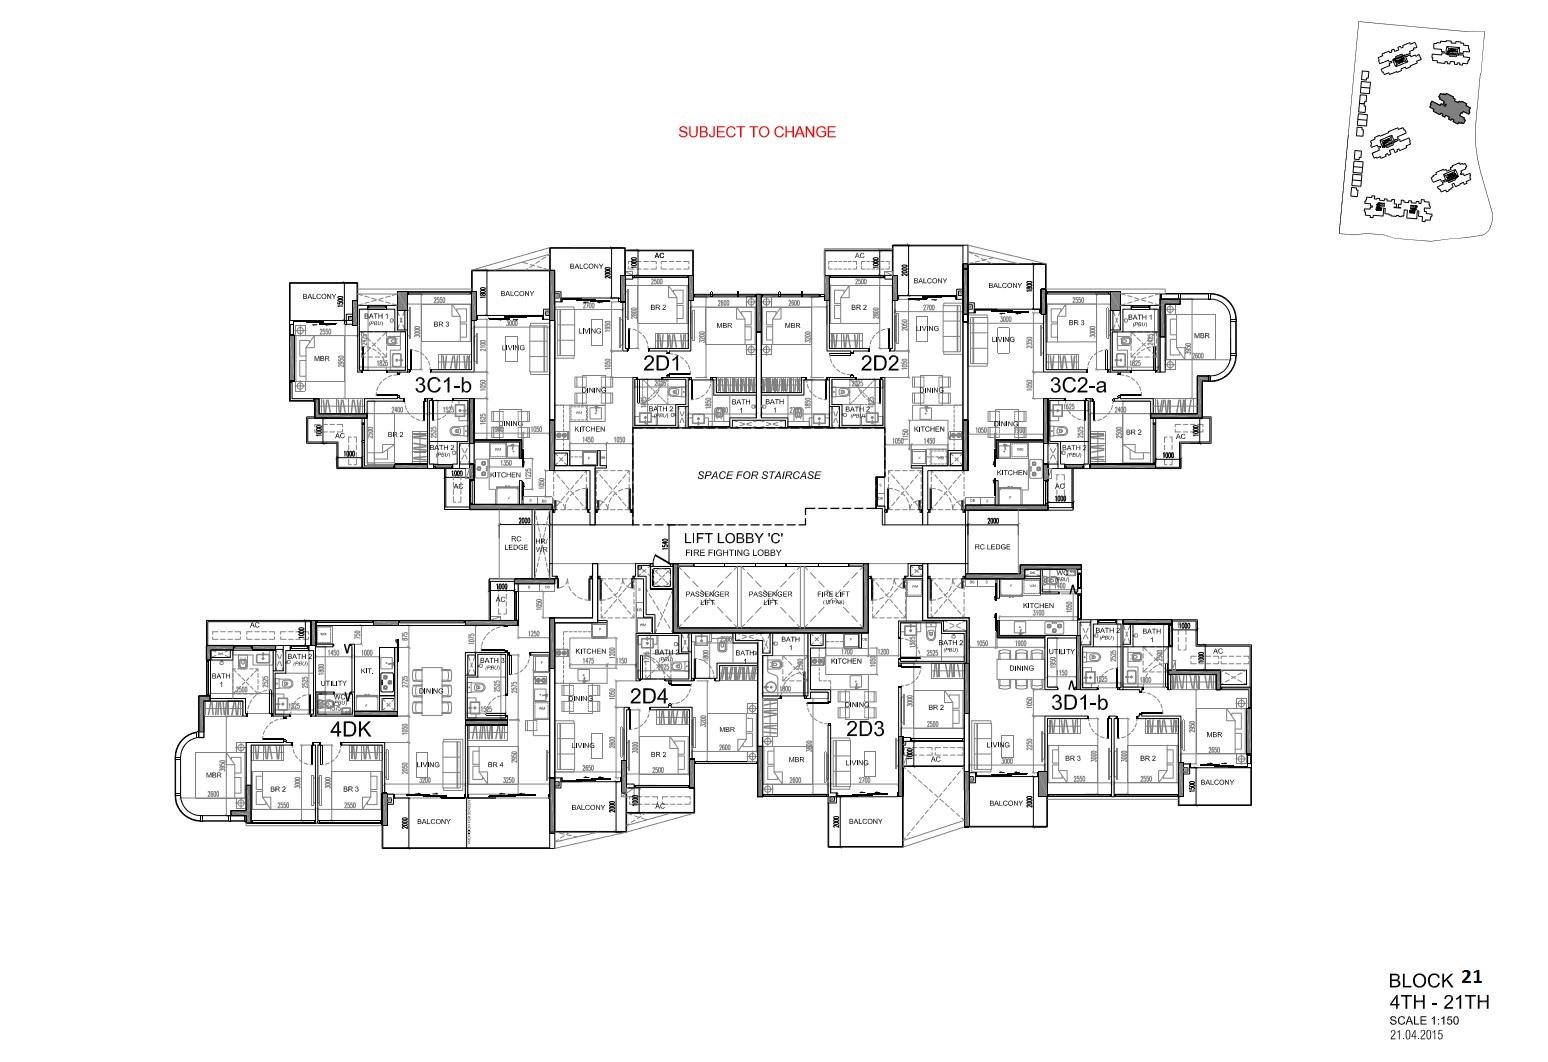 Site Plan Block 21